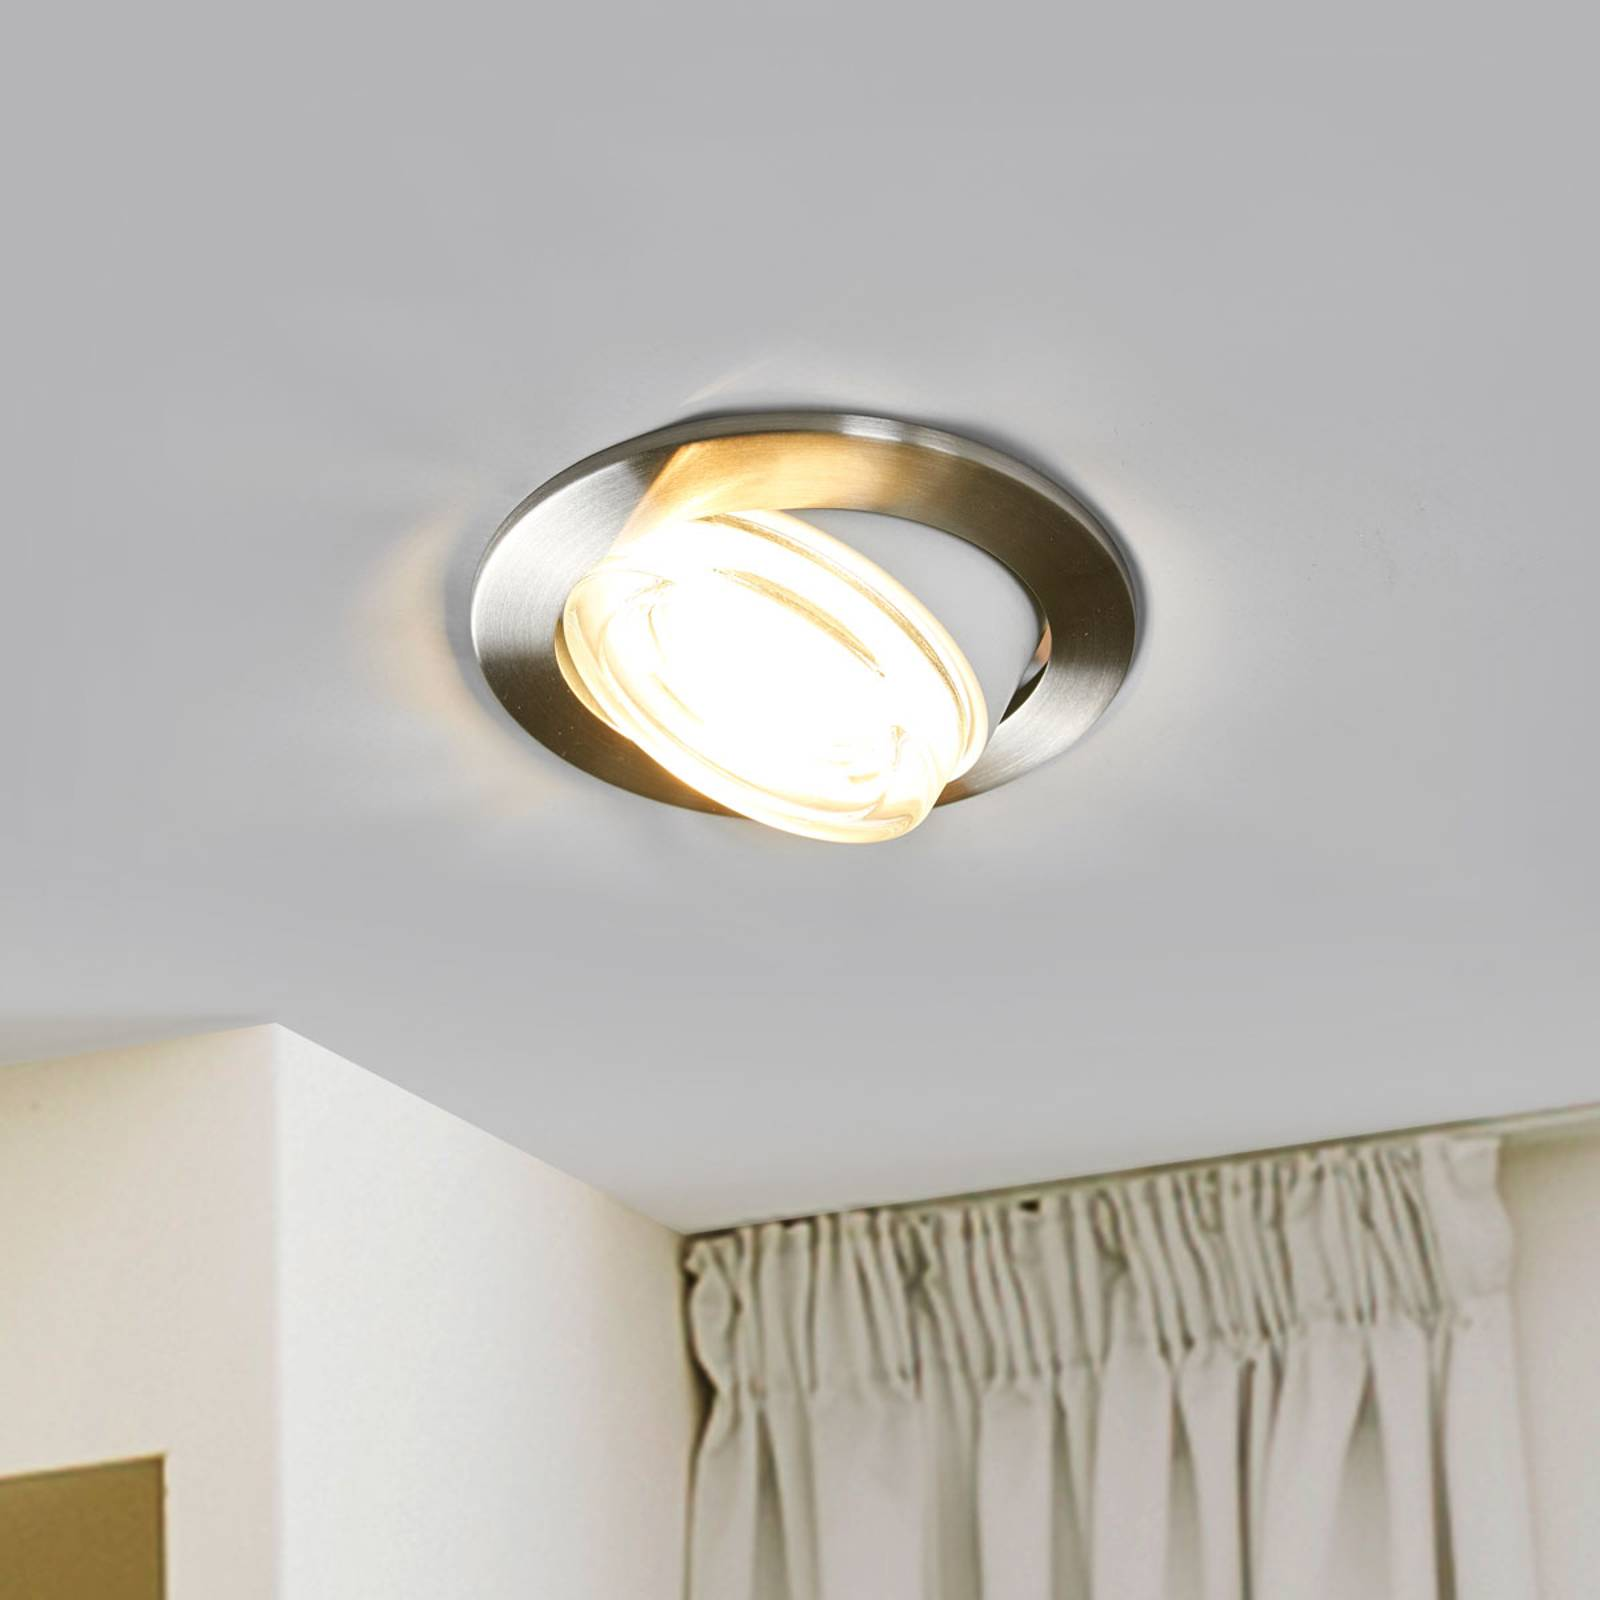 Verstellbarer LED-Einbaustrahler Accenta Vario